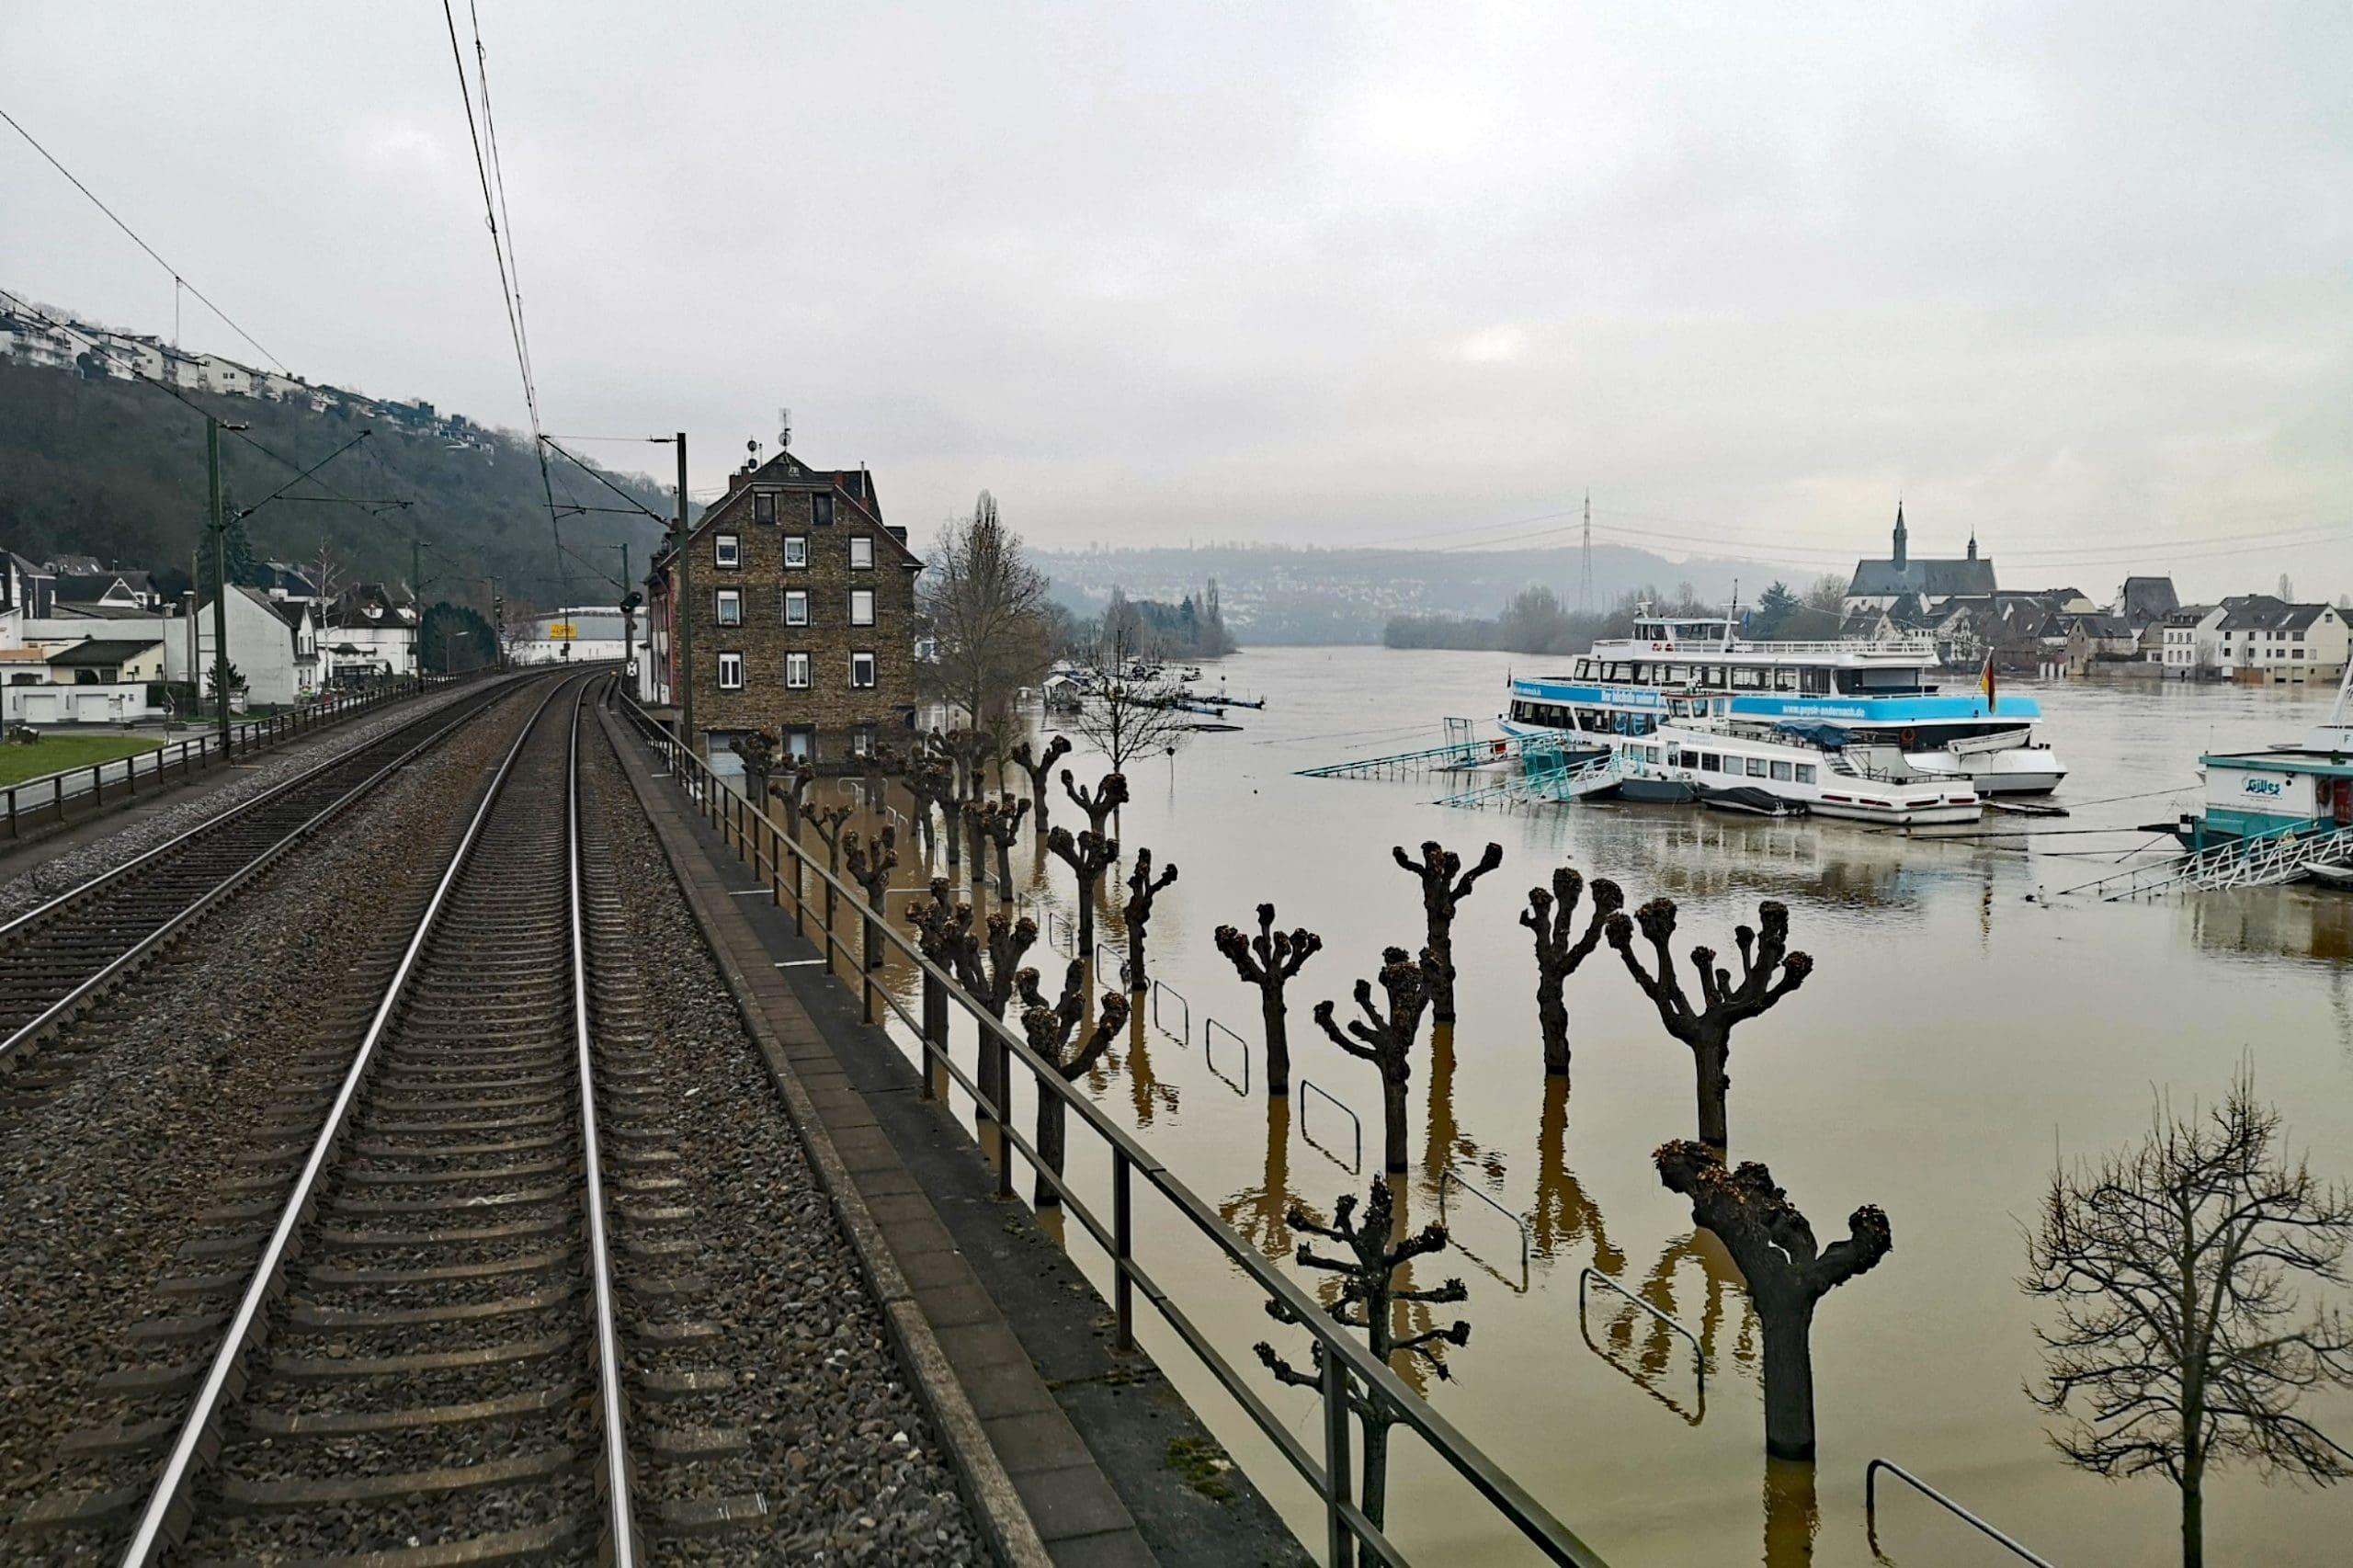 ©Foto: André Rosendahl   railmen   Überschwemmter Hafen von Vallendar, einer Kleinstadt am rechten Ufer des Mittelrheins, südwärts fahrend.